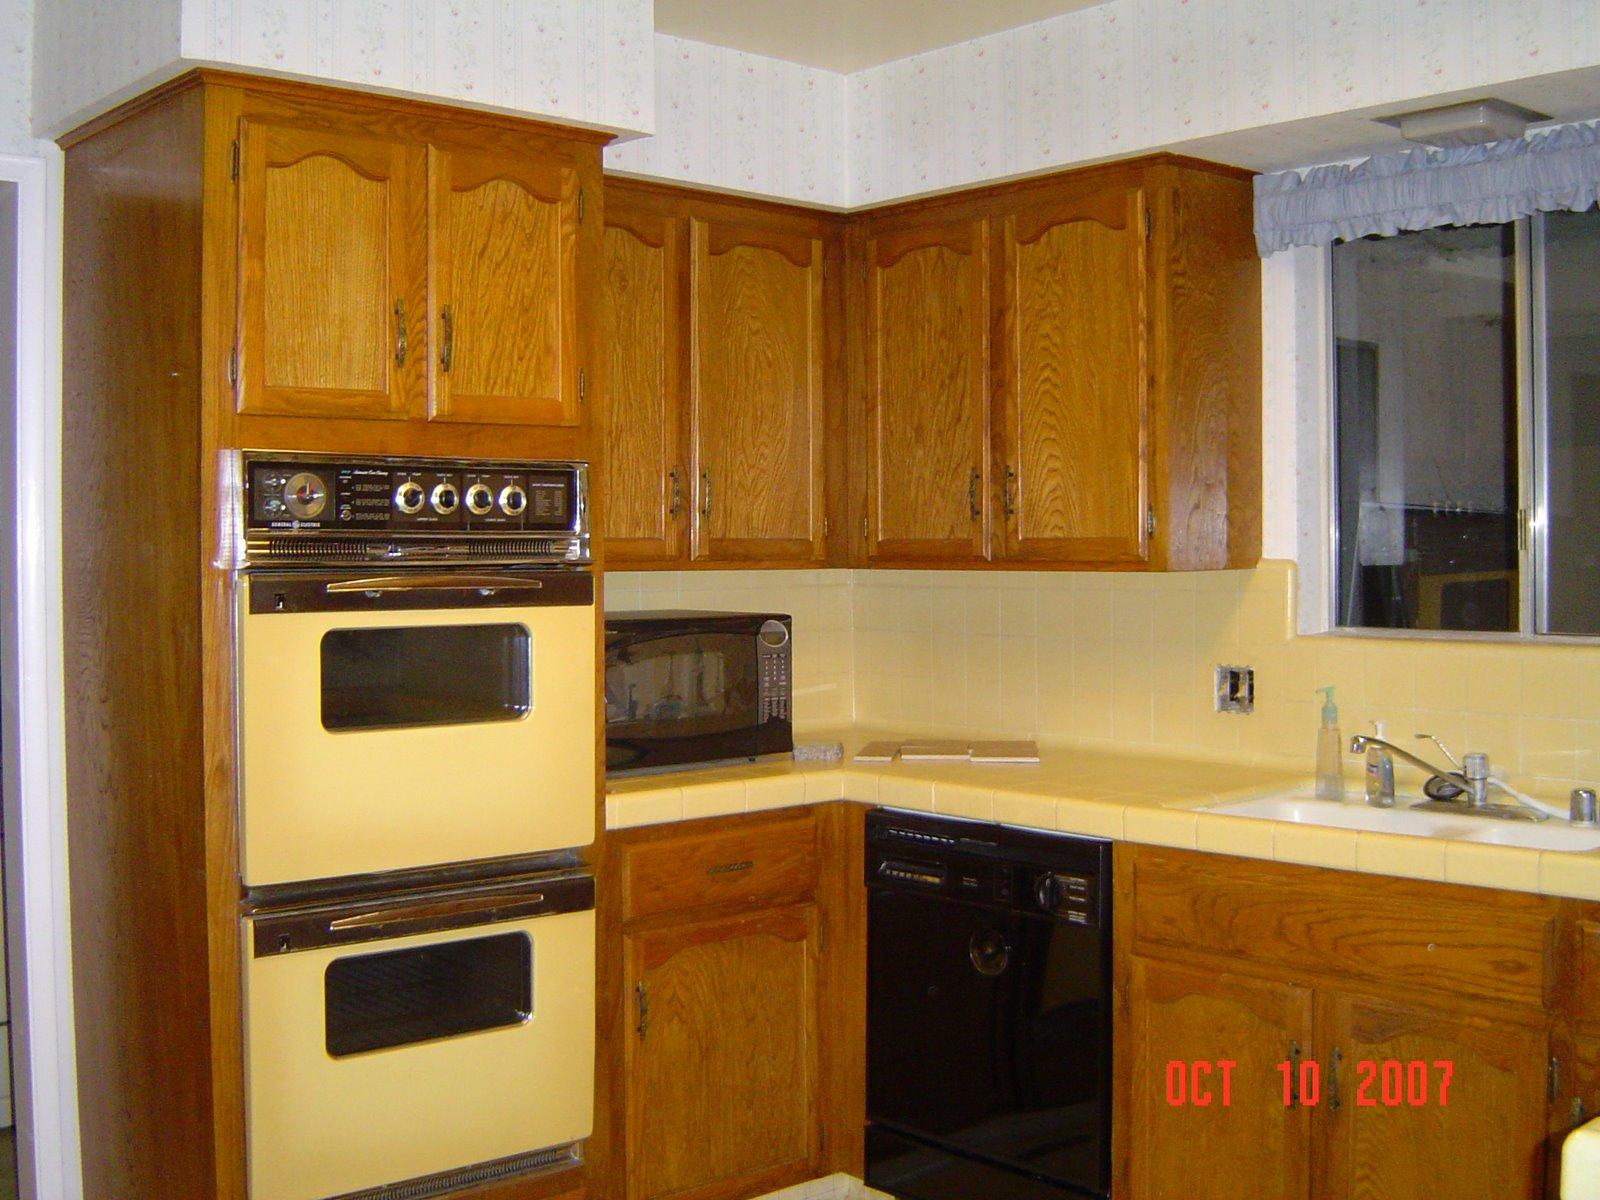 ingenious 70s kitchen that you should know diggm kitchen lovely 1970s kitchen appliances   taste  rh   thetasteemaker com